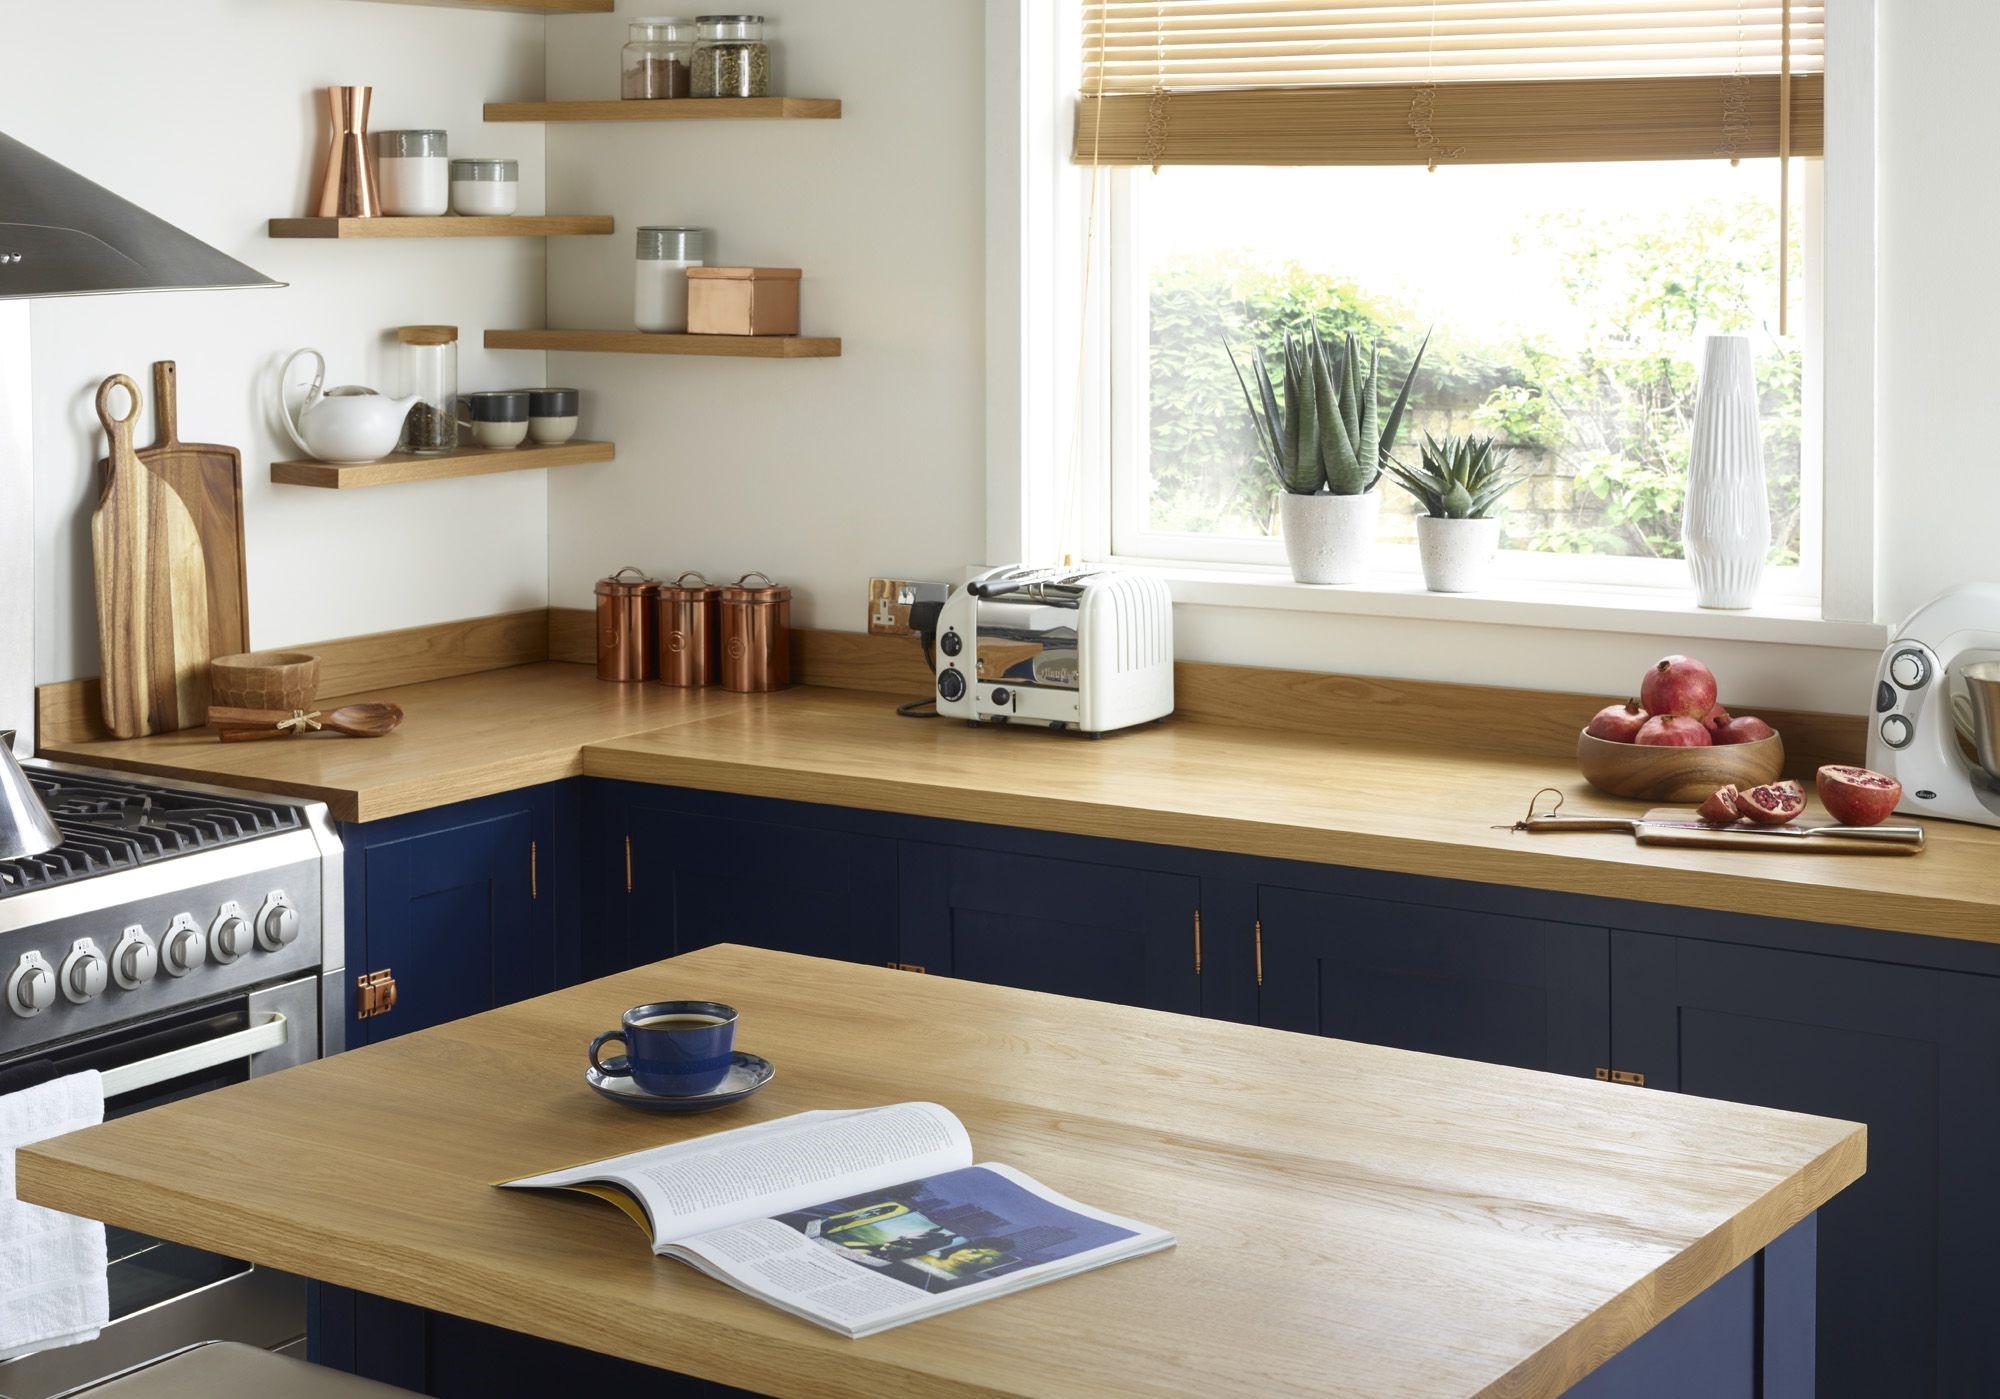 Pour la plupart des gens, un comptoir de cuisine d'une telle hauteur constitue un poste de travail confortable.